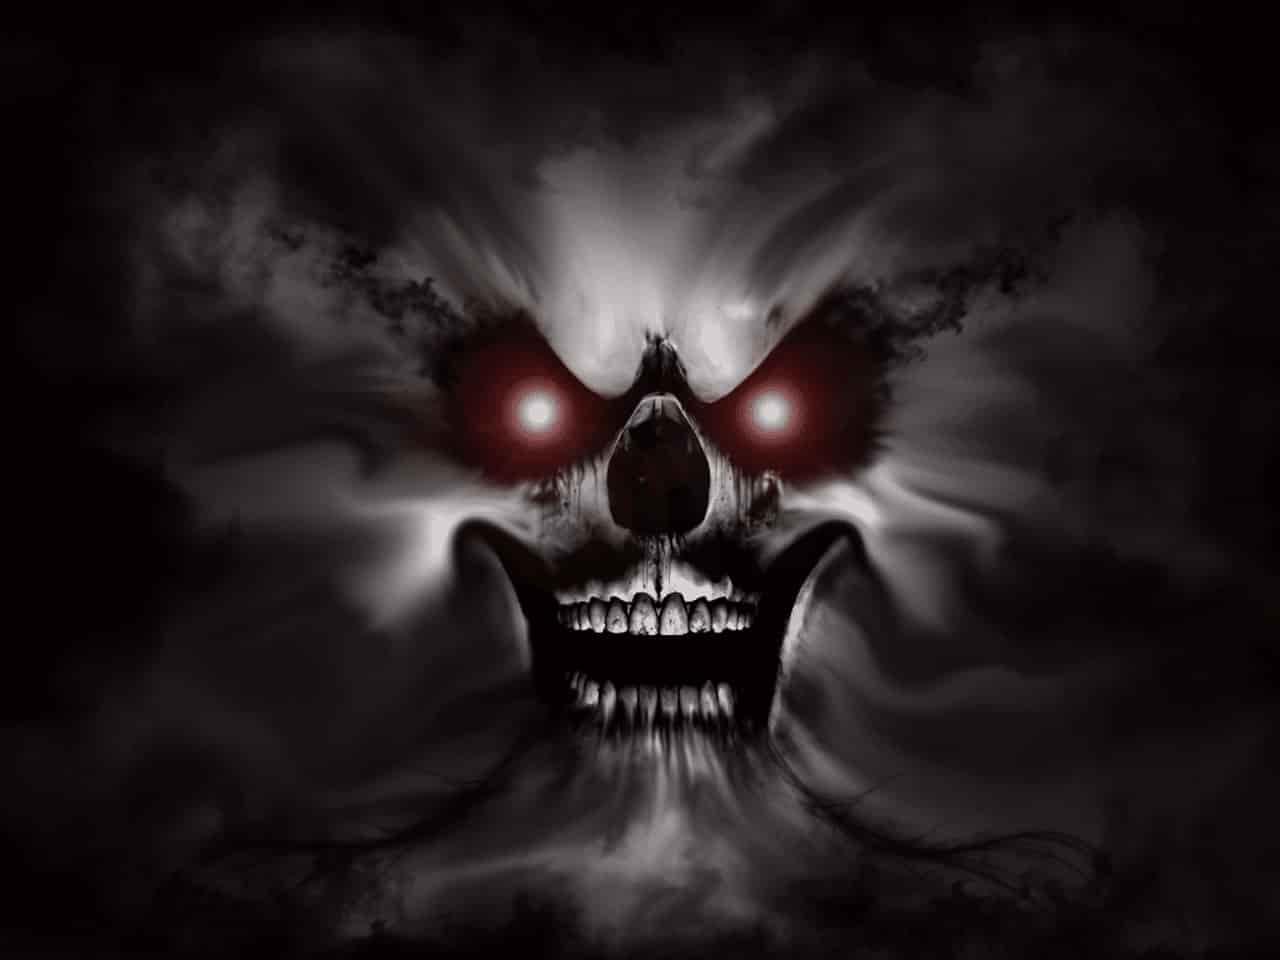 Mơ thấy quỷ điềm báo gì đánh số gì